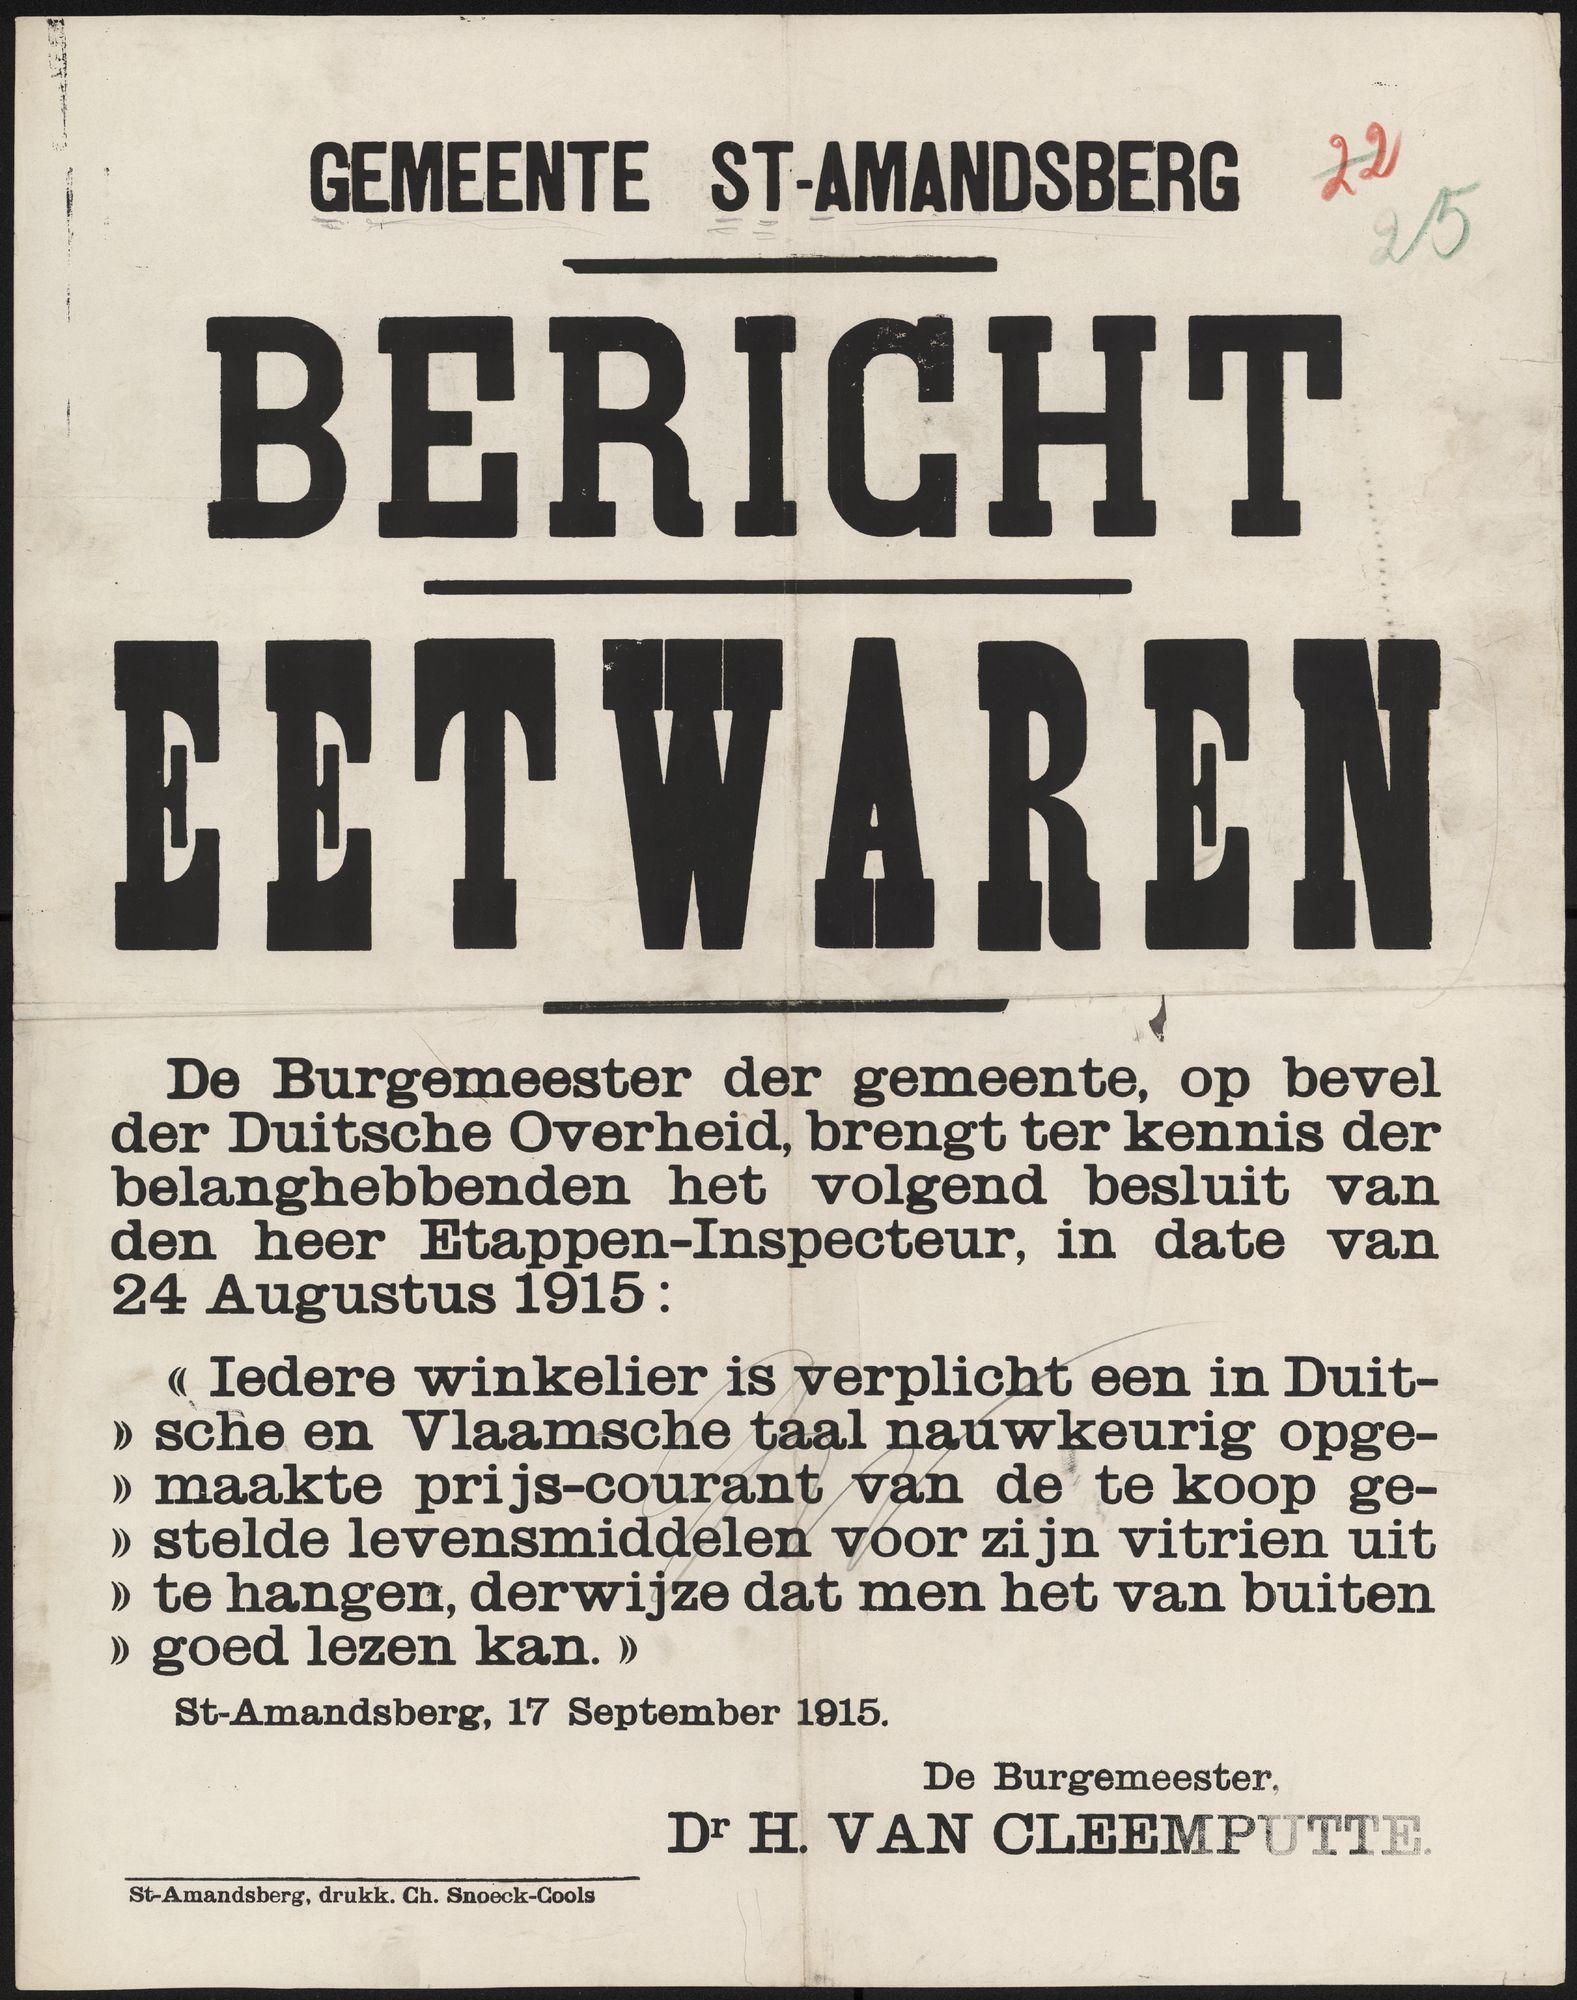 Gemeente St-Amandsberg, Bericht, Eetwaren.